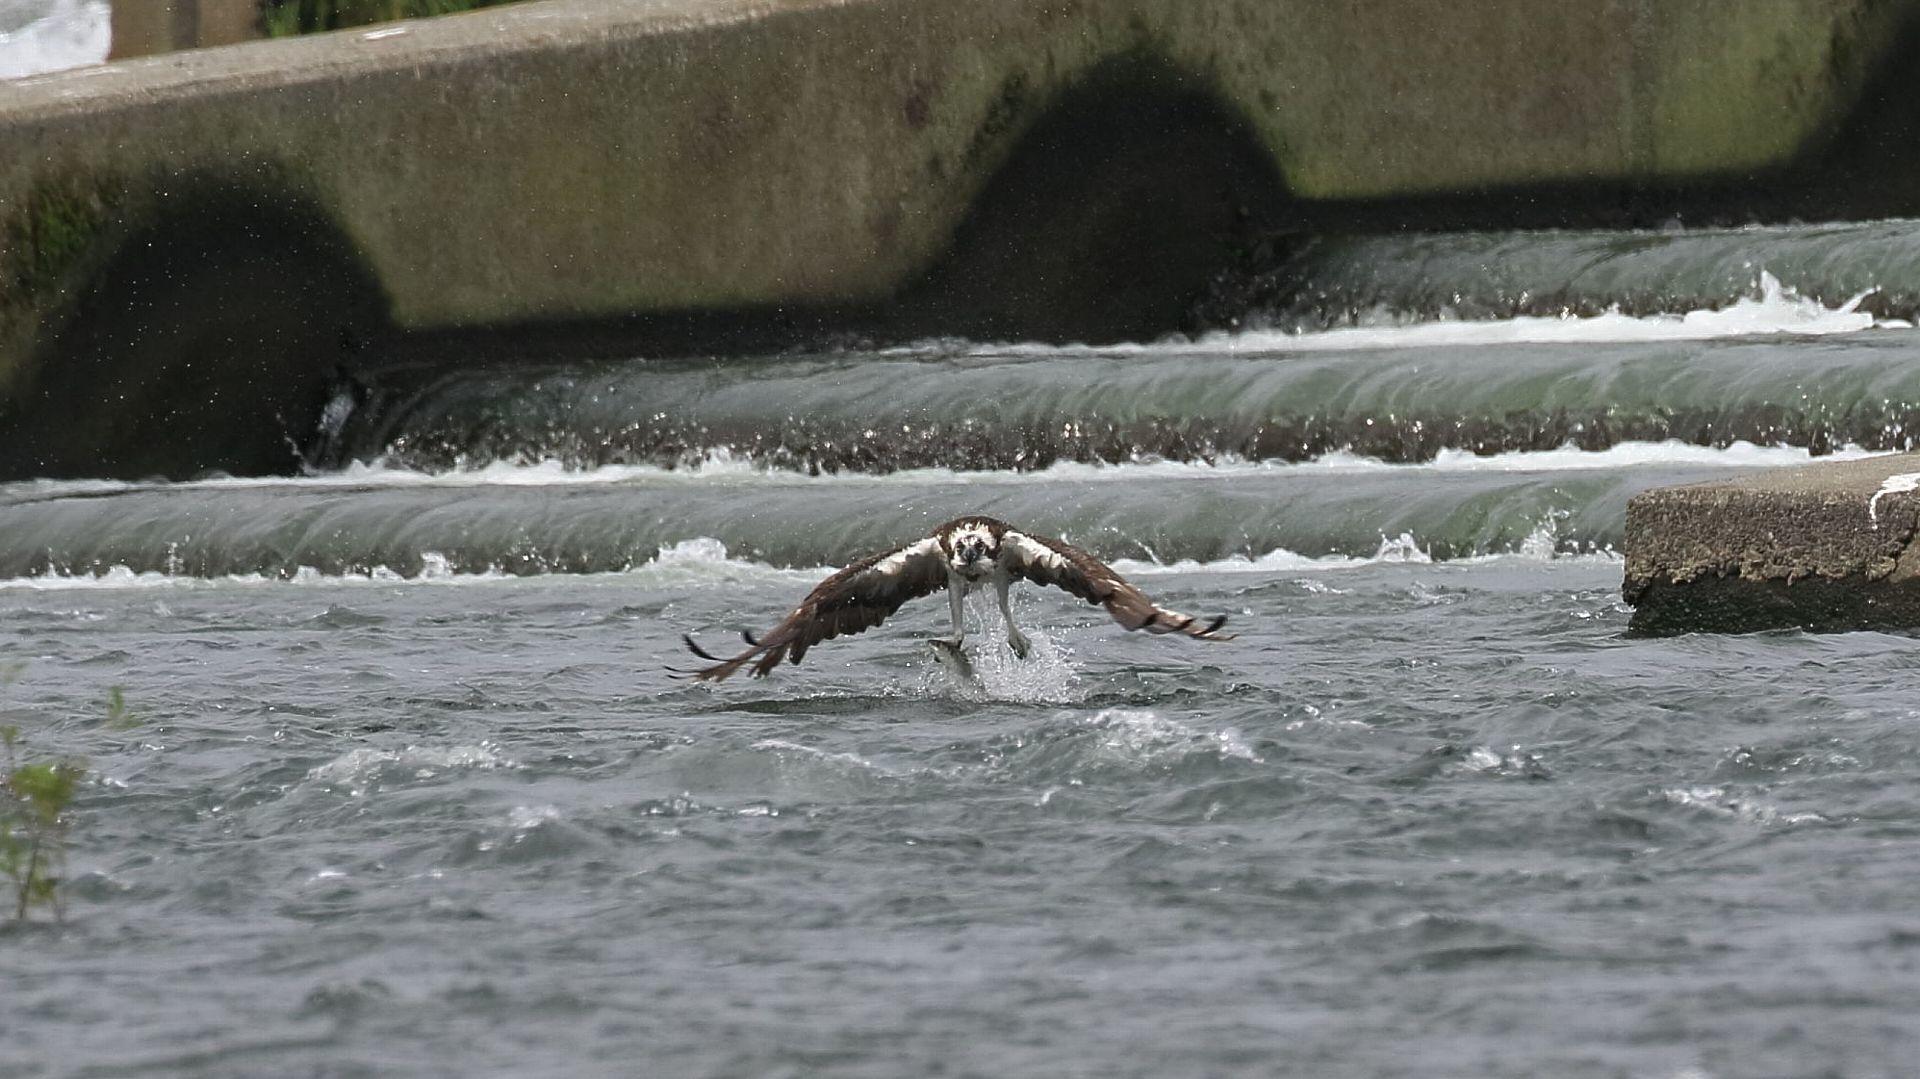 下流側でも相模川のミサゴシーズン開幕!_f0105570_21092567.jpg